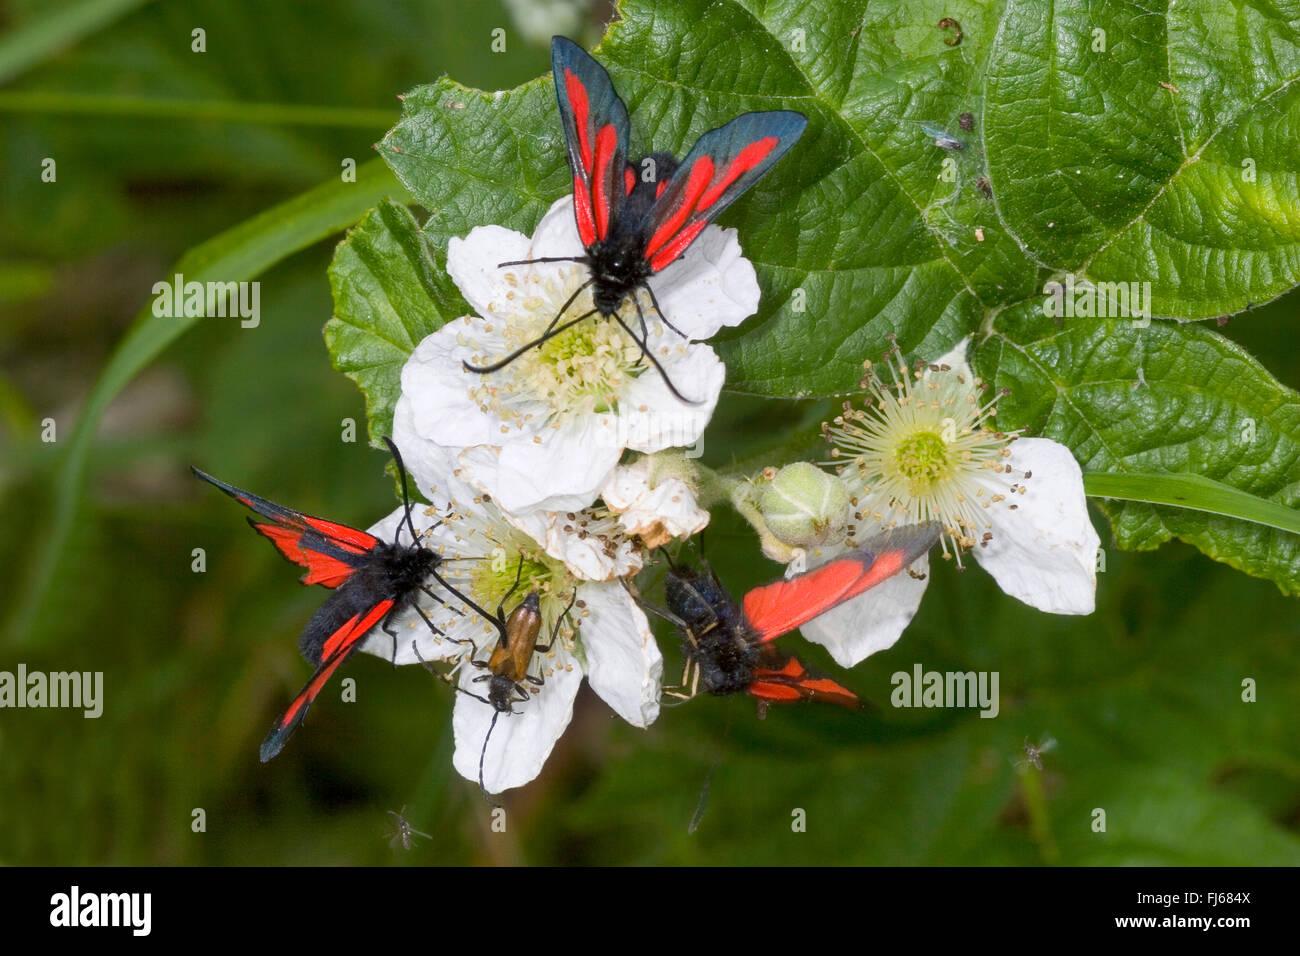 Woodland Burnet (Zygaena osterodensis, Zygaena scabiosae), three woodland burnets on white blossoms, Germany - Stock Image